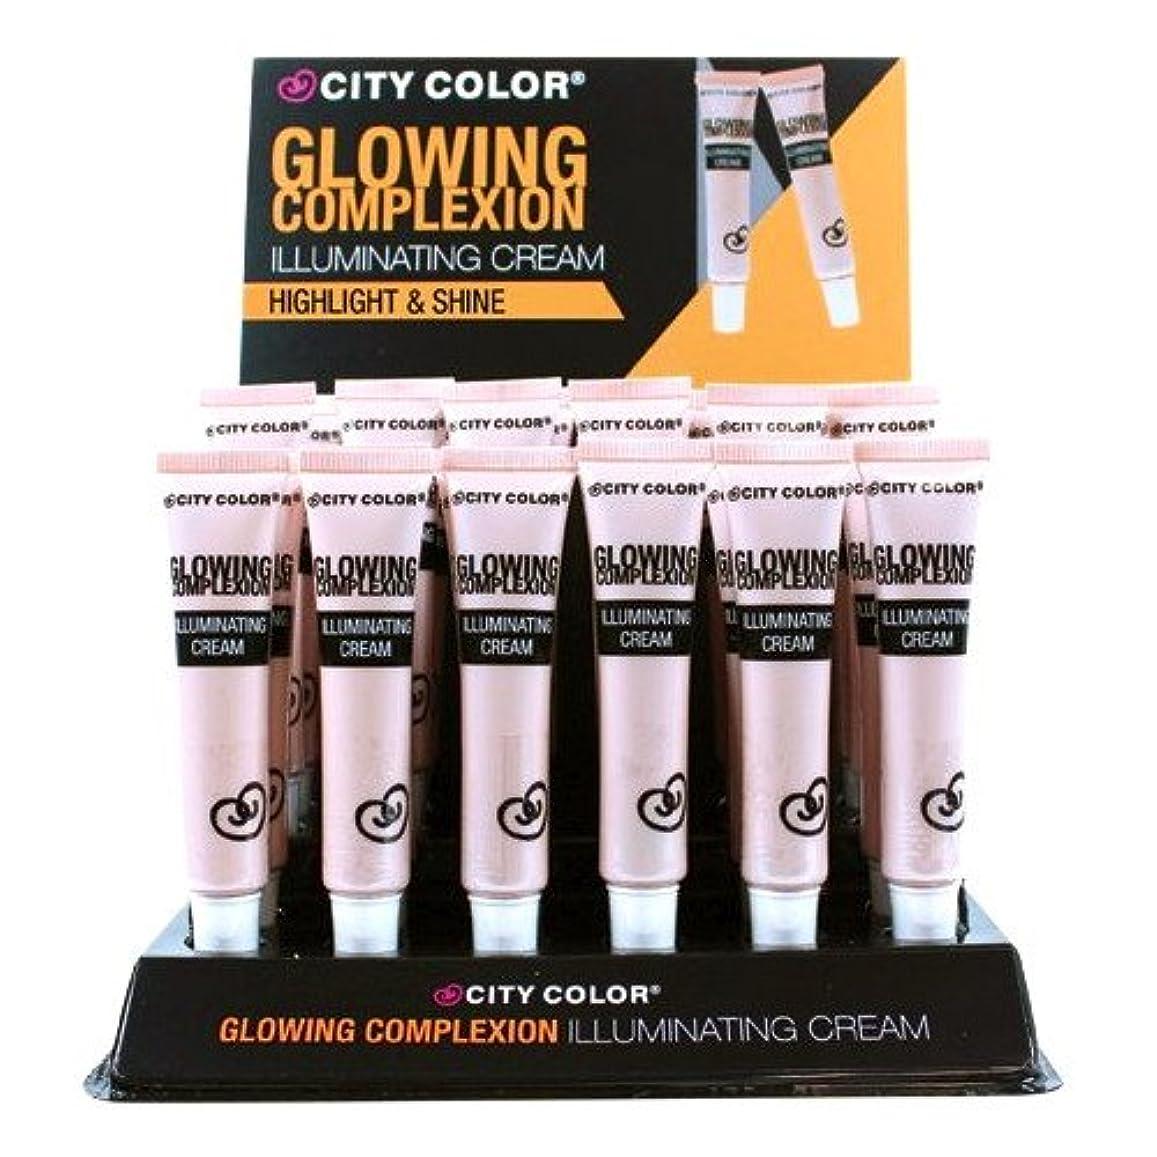 テープ差別する構成員CITY COLOR Glowing Complexion Illuminating Cream Luminous Dewy Glow Display Case Set 24 Pieces (並行輸入品)